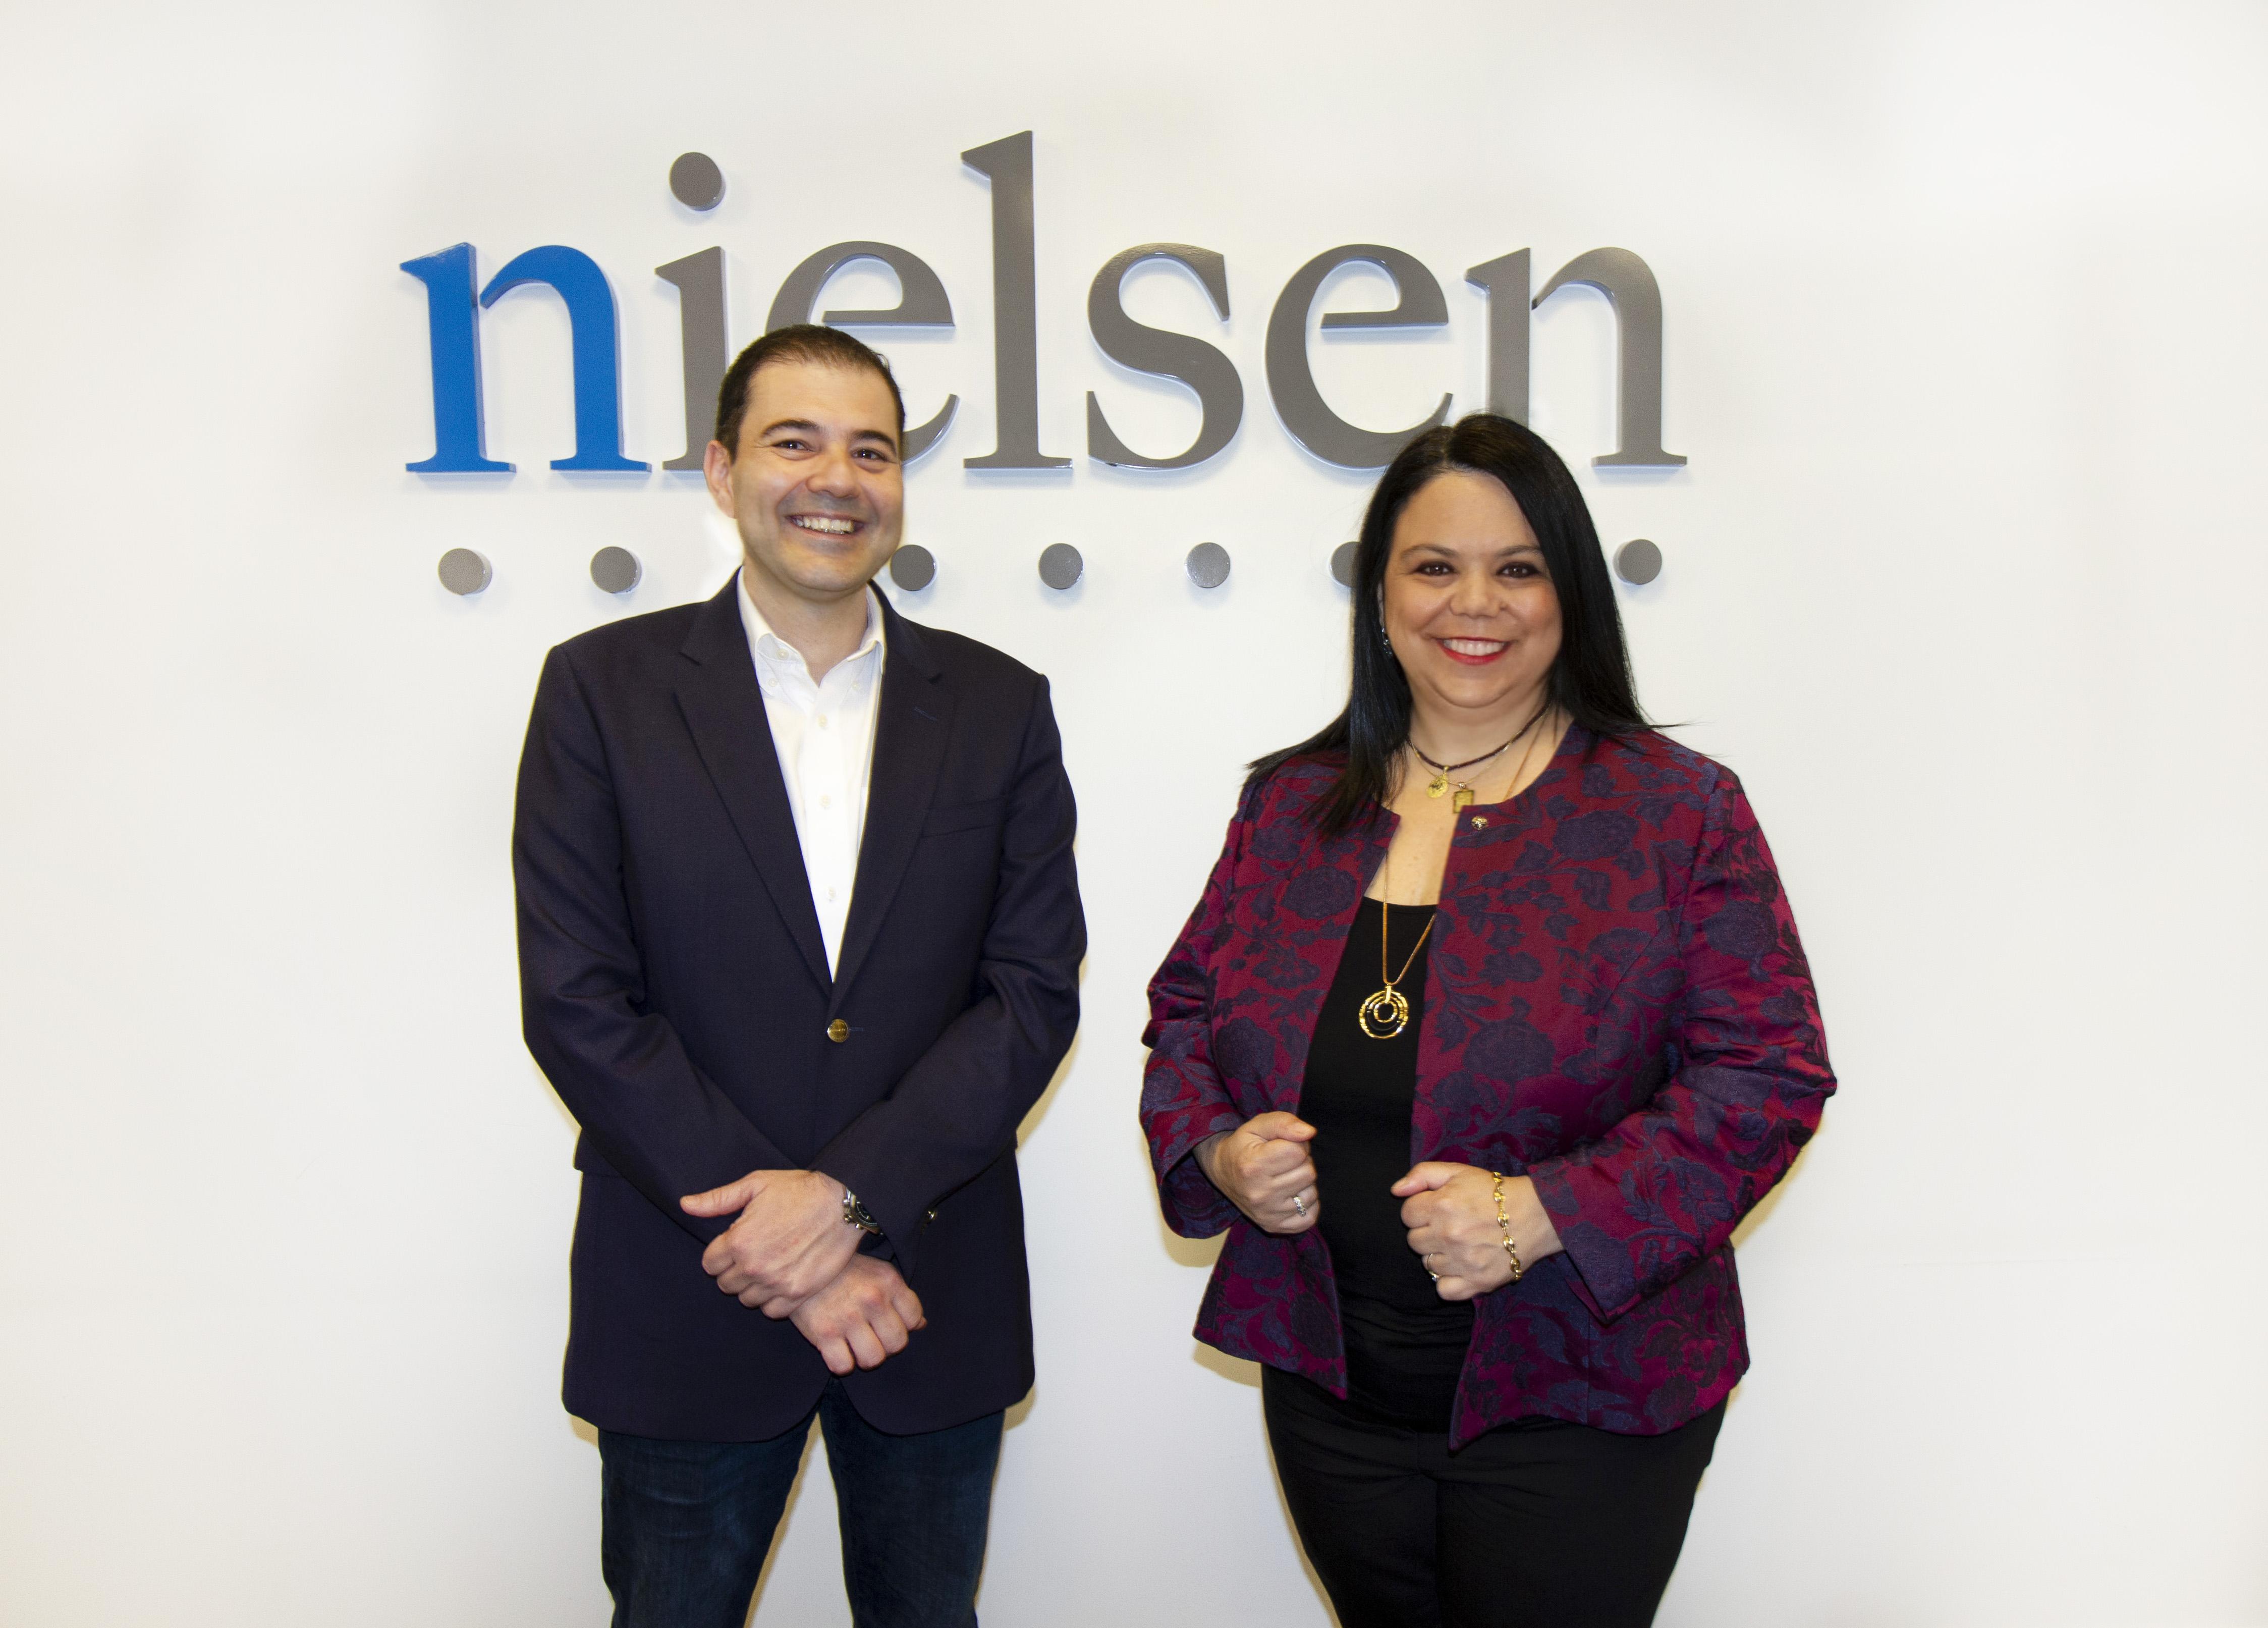 Nielsen Türkiye Perakende Direktörü Onur Yüksel oldu